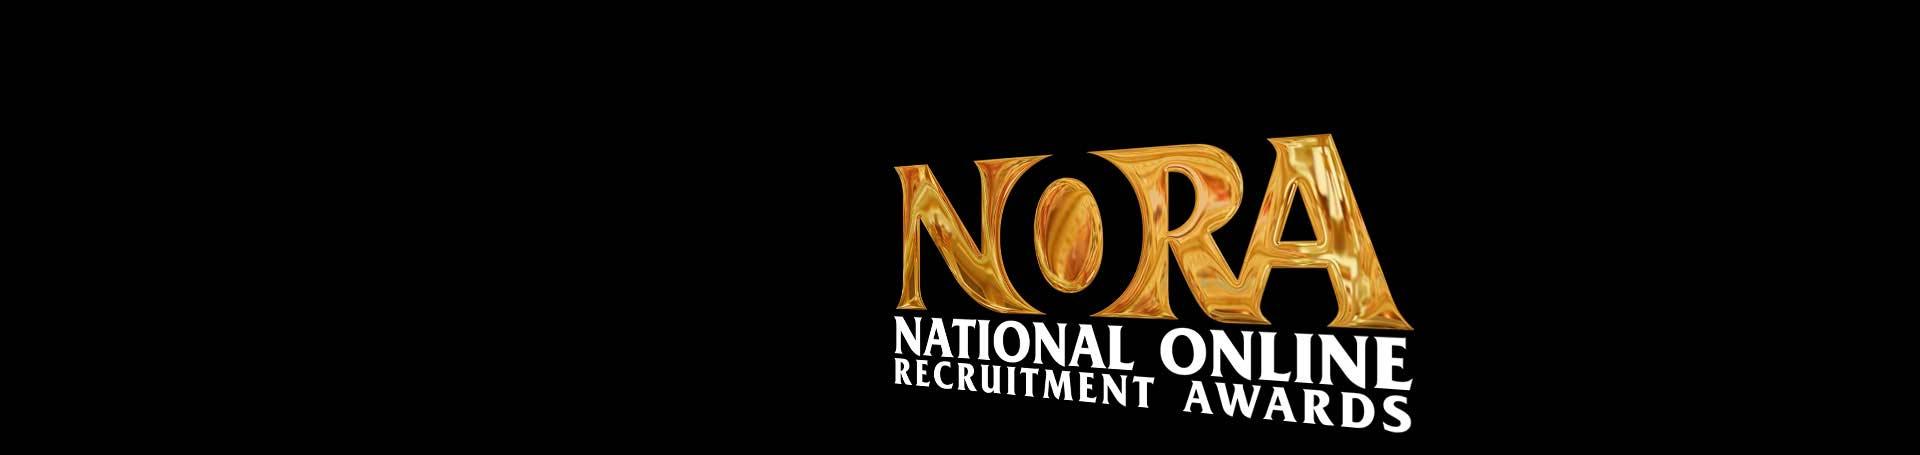 NORAarchives1920x455